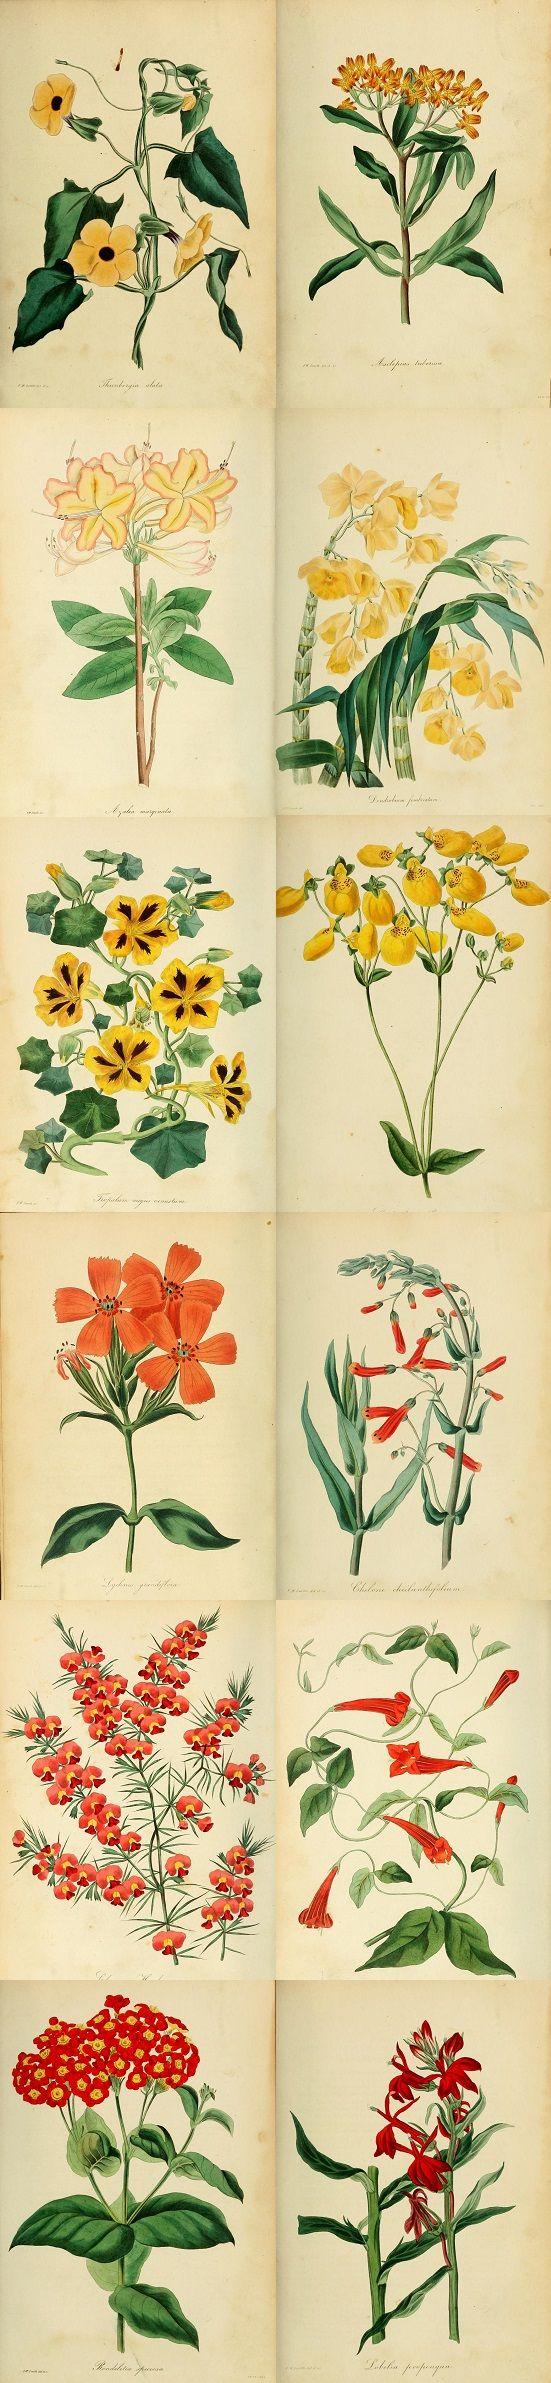 137 besten Herbarium Bilder auf Pinterest | Kräuterkasten, Botanik ...